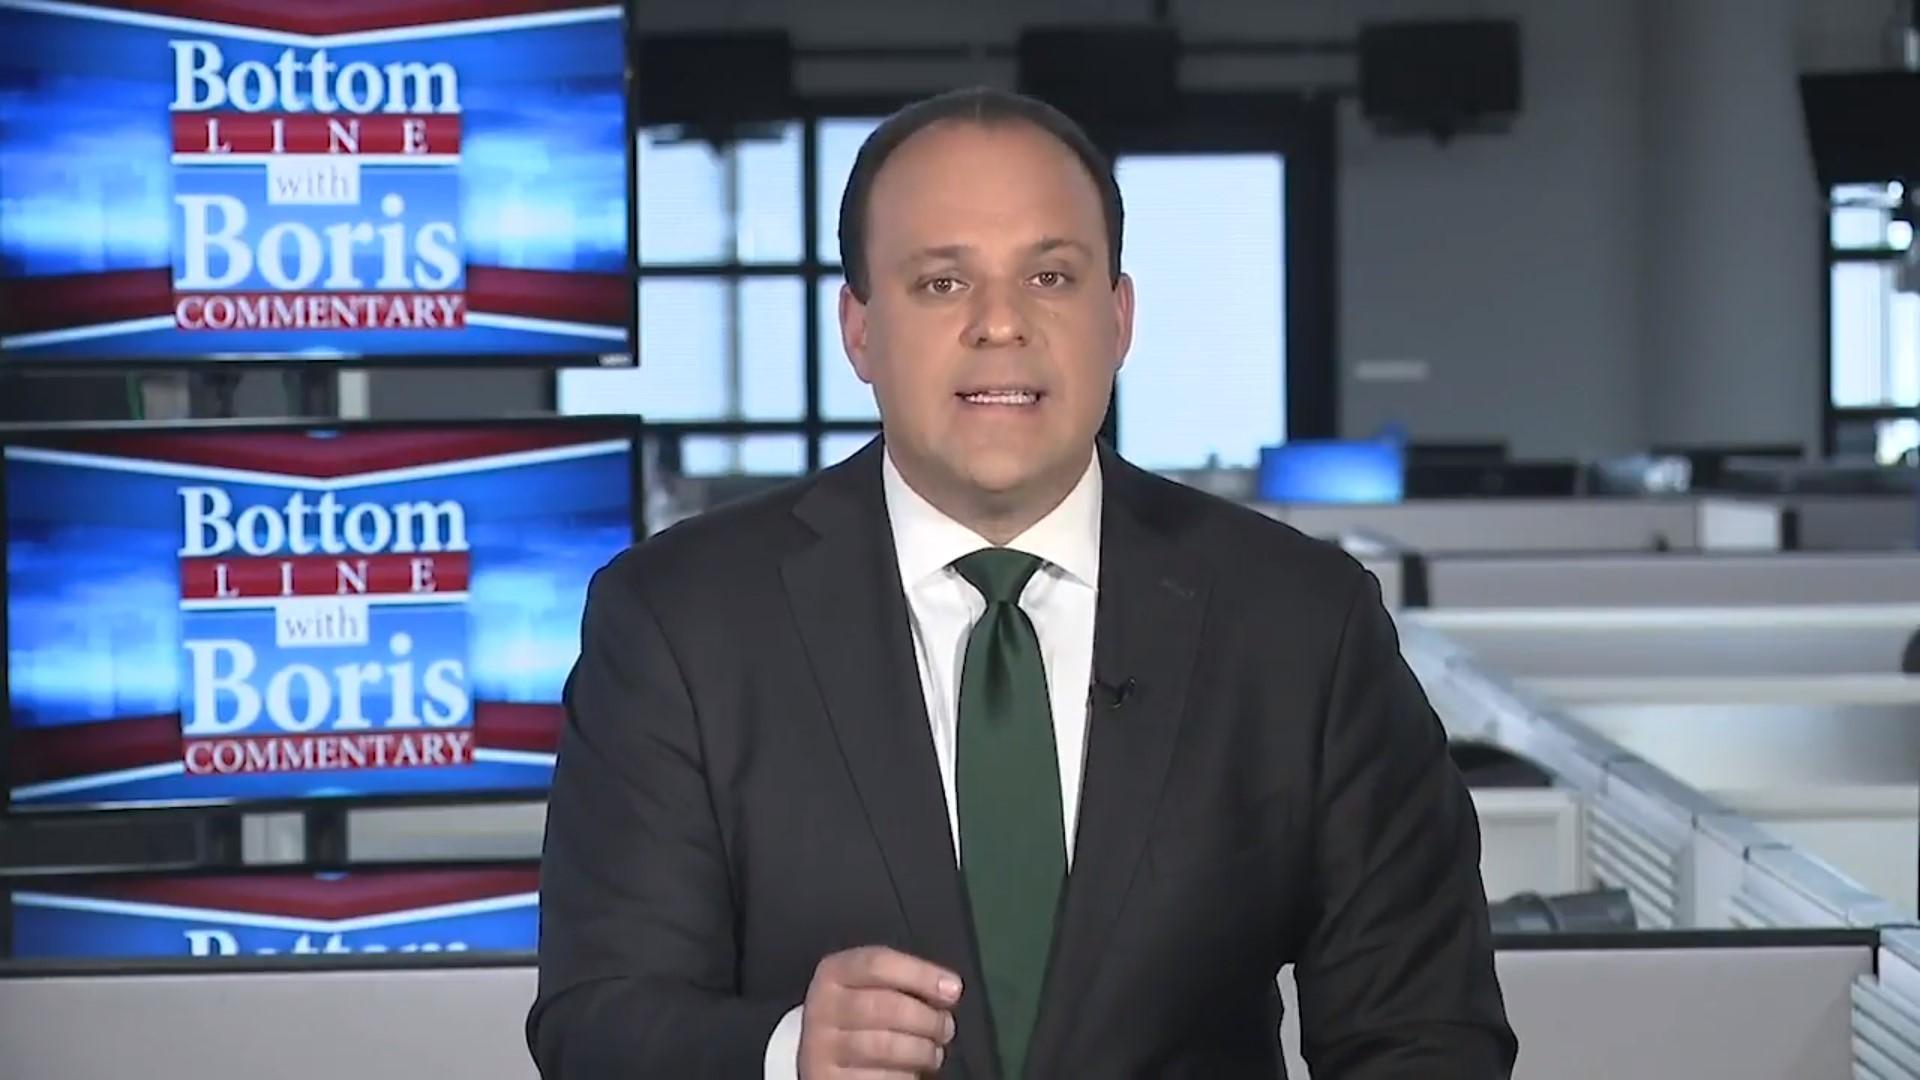 Must-Run Sinclair Segment Attacks Media For Making Trump Look Bad Over 'Zero Tolerance' Policy